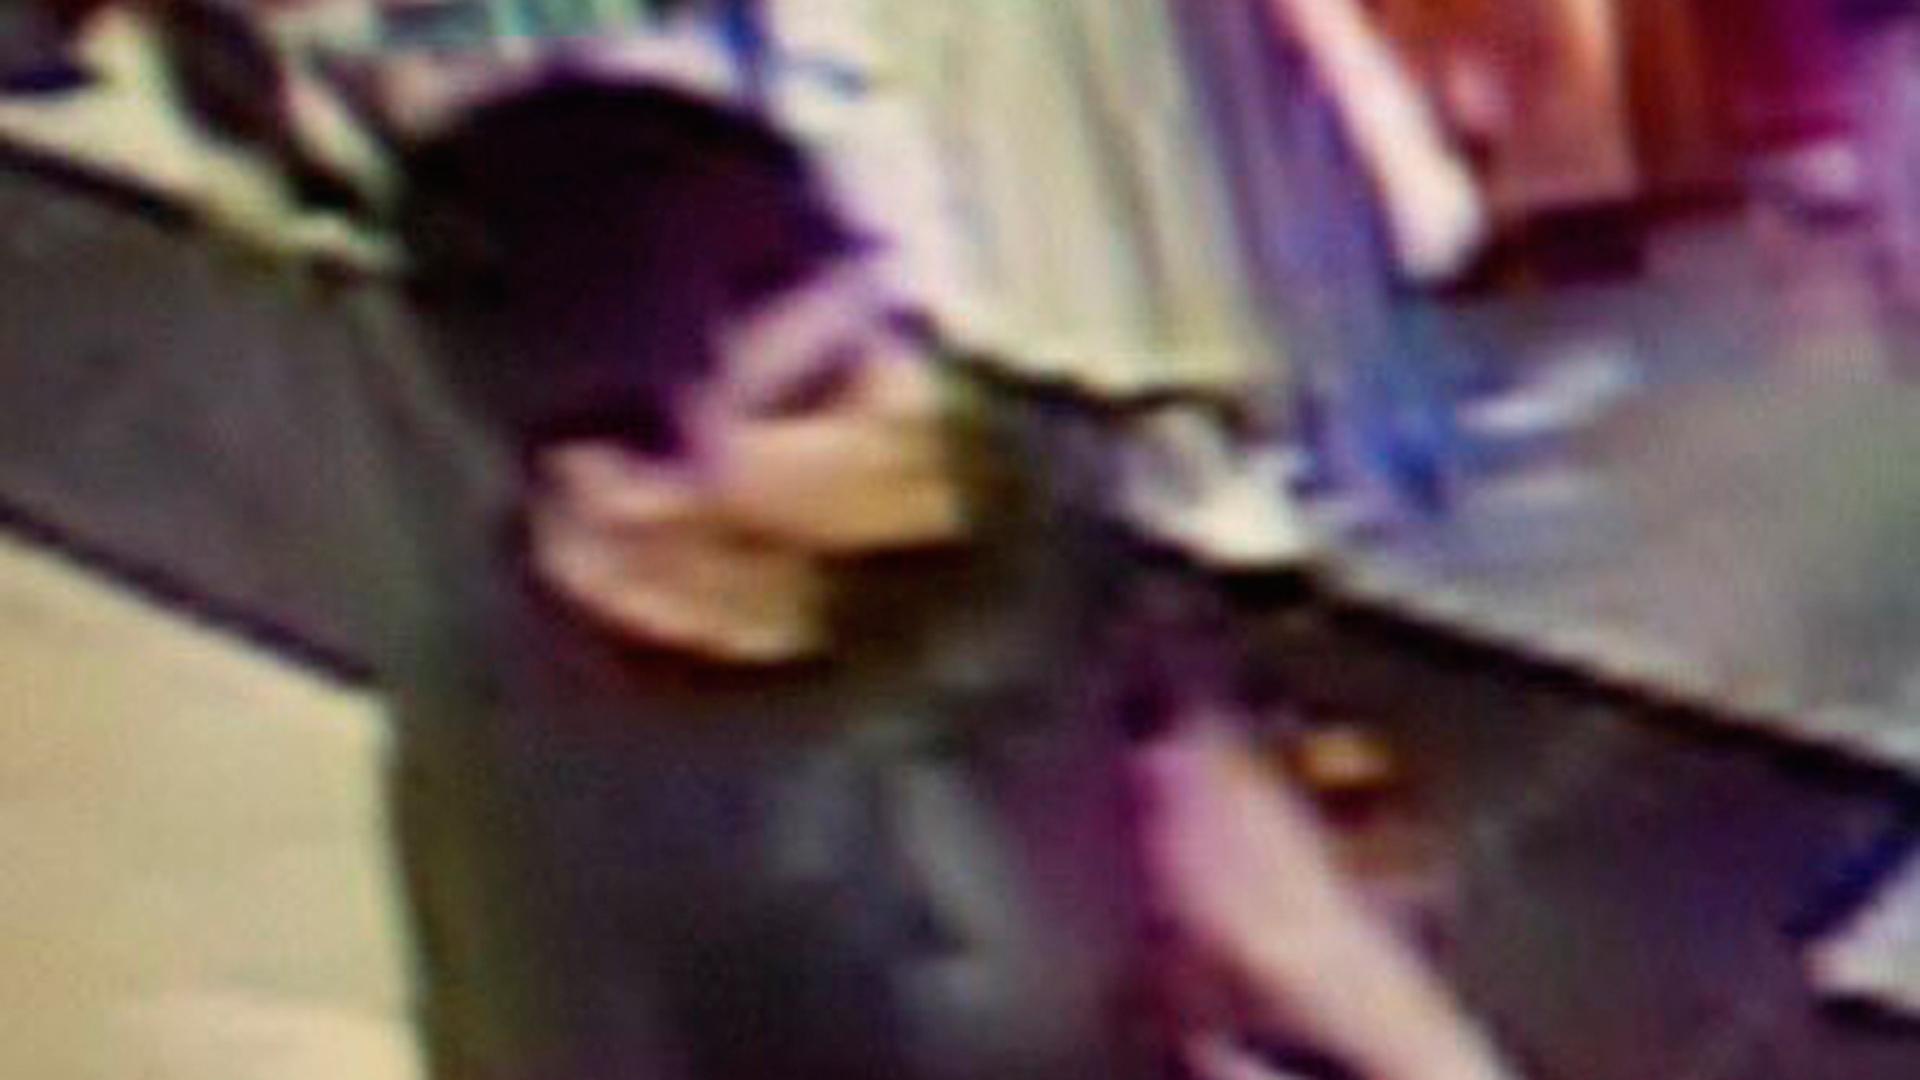 AP / El atacante – presuntamente un hombre hispano – entró caminando a un local comercial de Macy's y abrió fuego